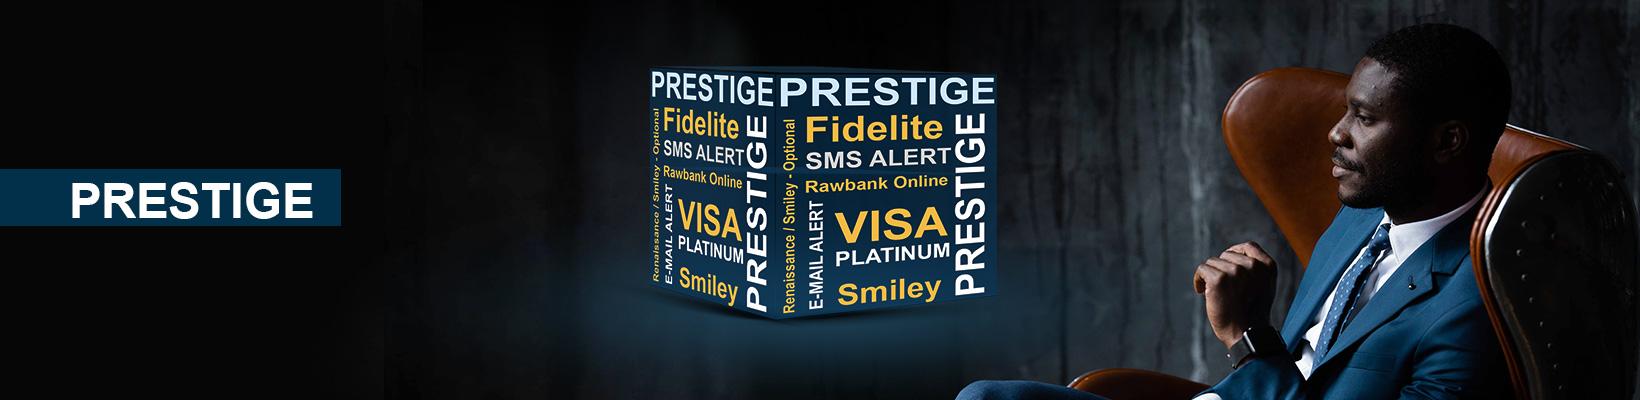 1640x400-Prestige